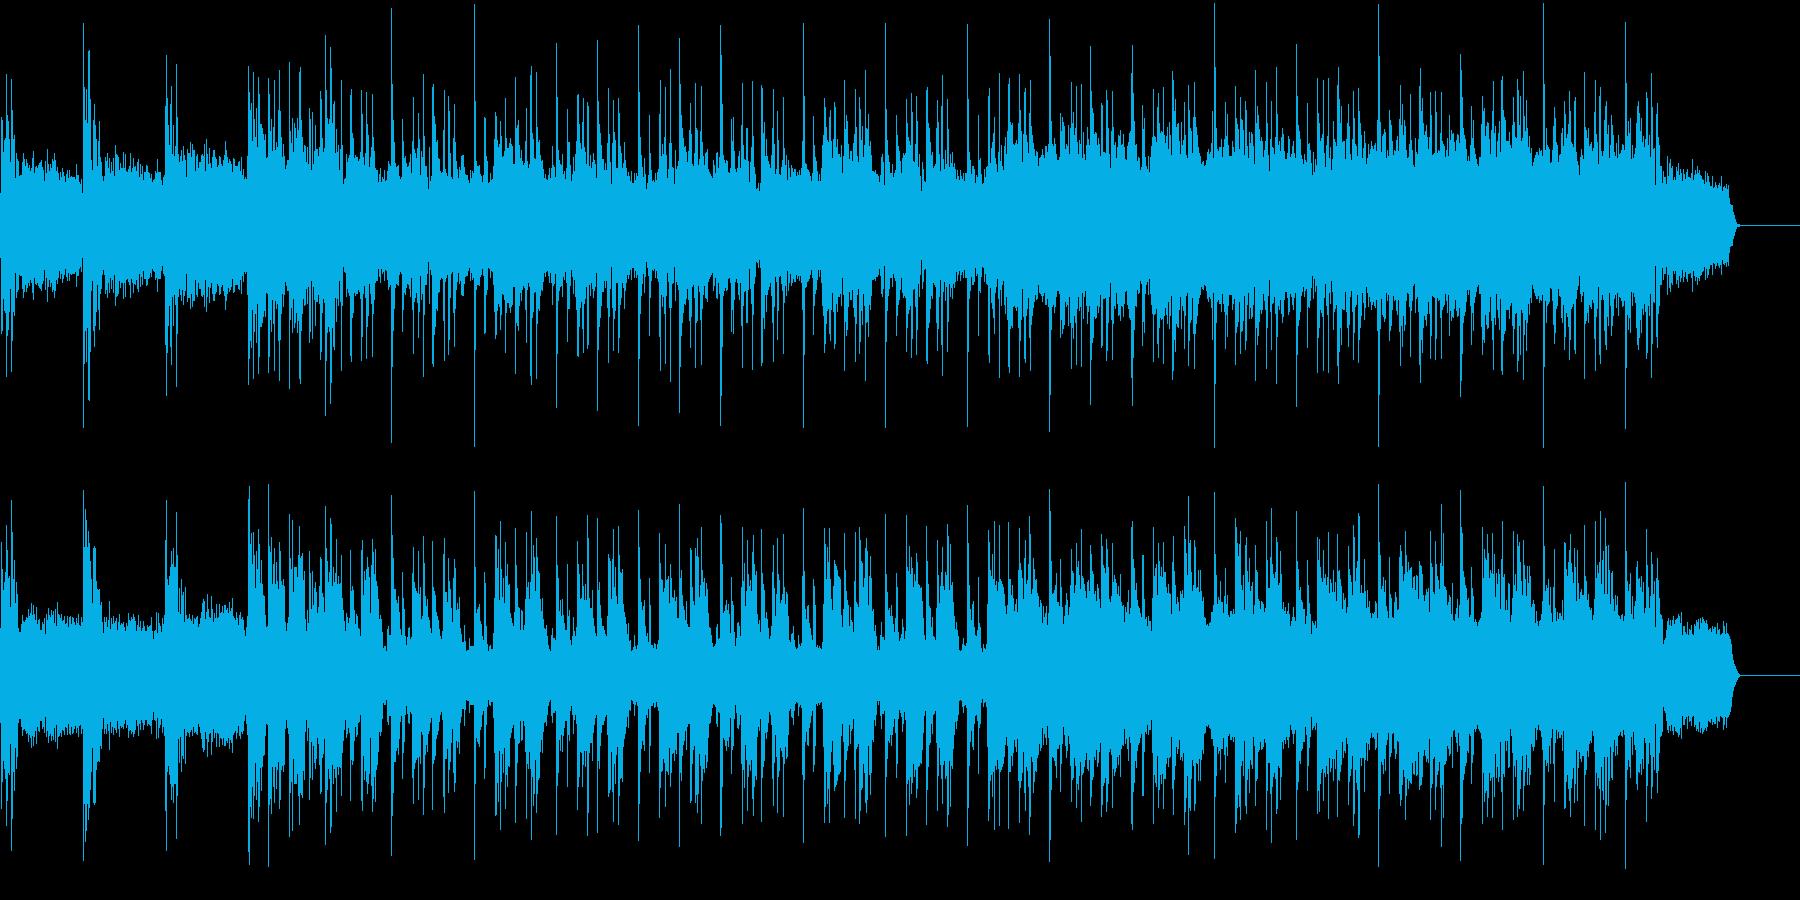 重低音なギターでヘヴィーなロック調 の再生済みの波形